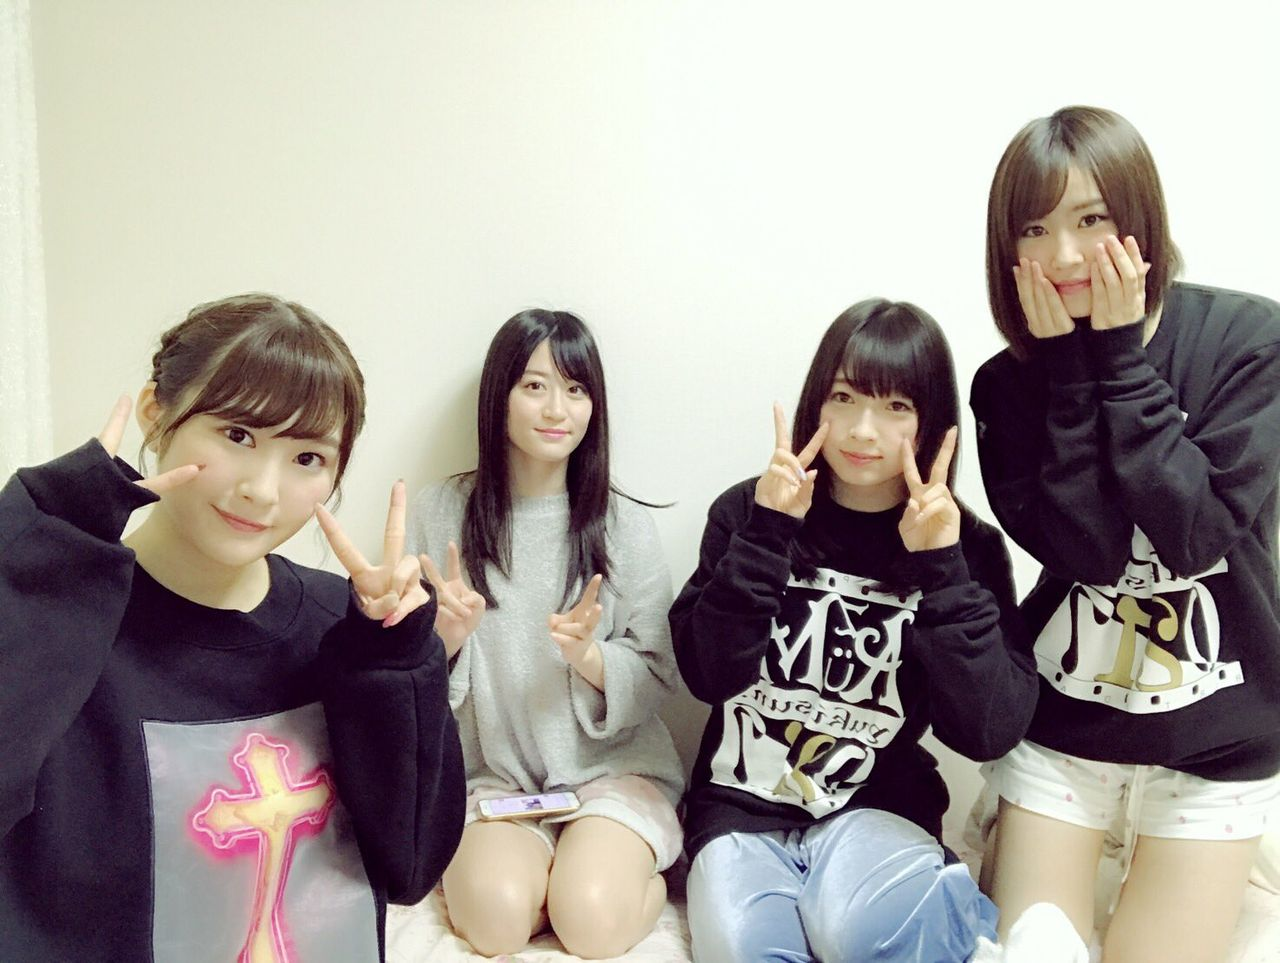 【NMB48】上西恵・川上礼奈・東由樹・古賀成美・ファミリーがSHOWROOM配信を敢行